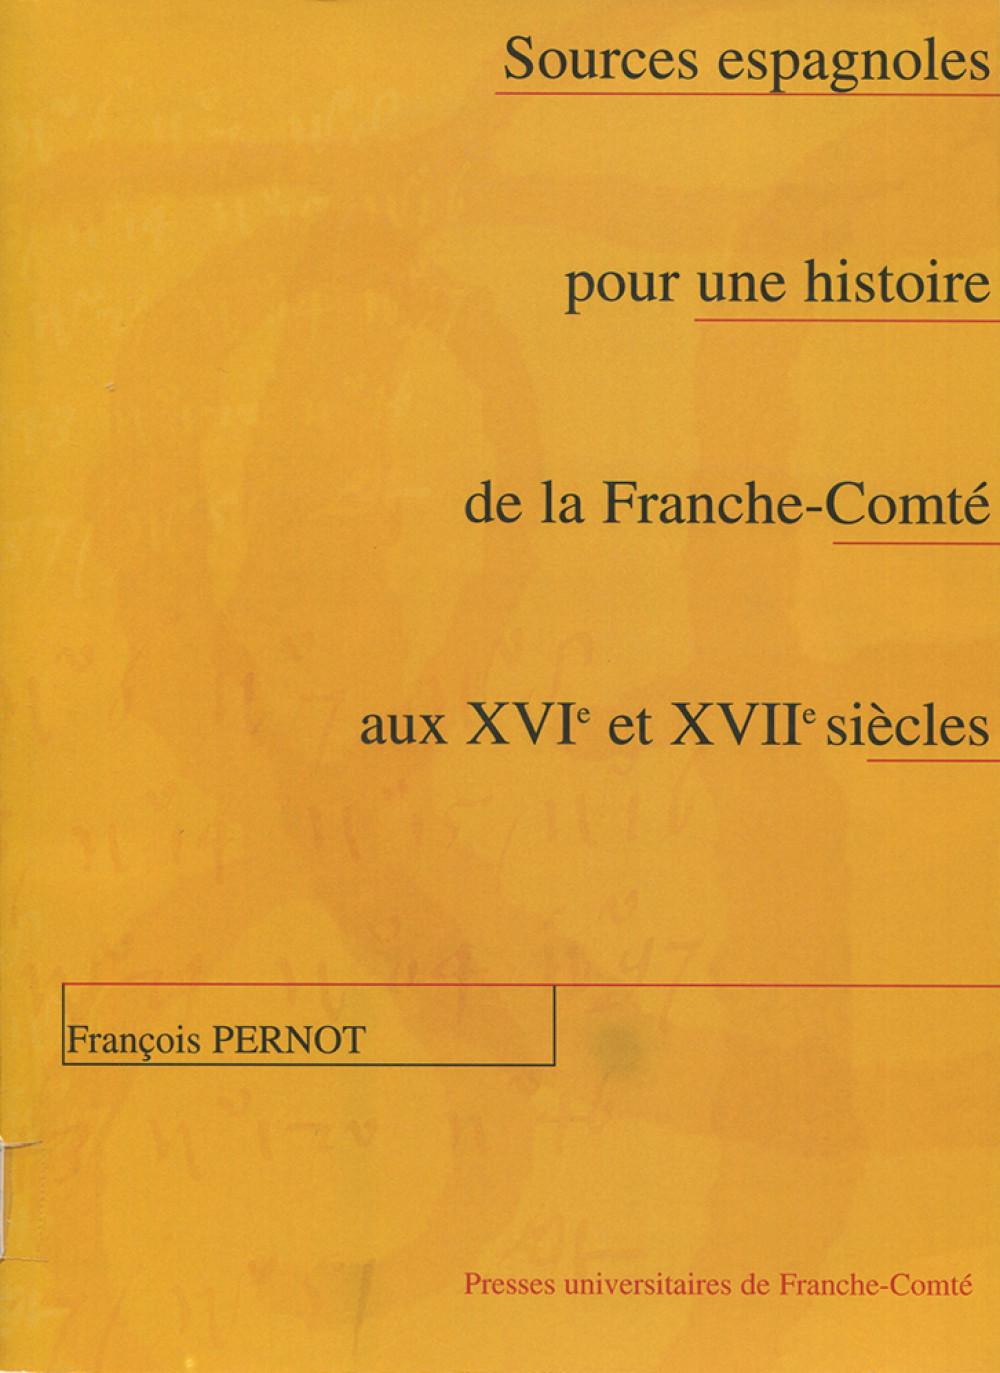 """Sources espagnoles pour une histoire de la Franche-Comté aux <span style=""""font-variant: small-caps"""">XVI</span><sup>e</sup> et <span style=""""font-variant: small-caps"""">XVII</span><sup>e</sup> siècles. 2<sup>ème</sup> édition"""